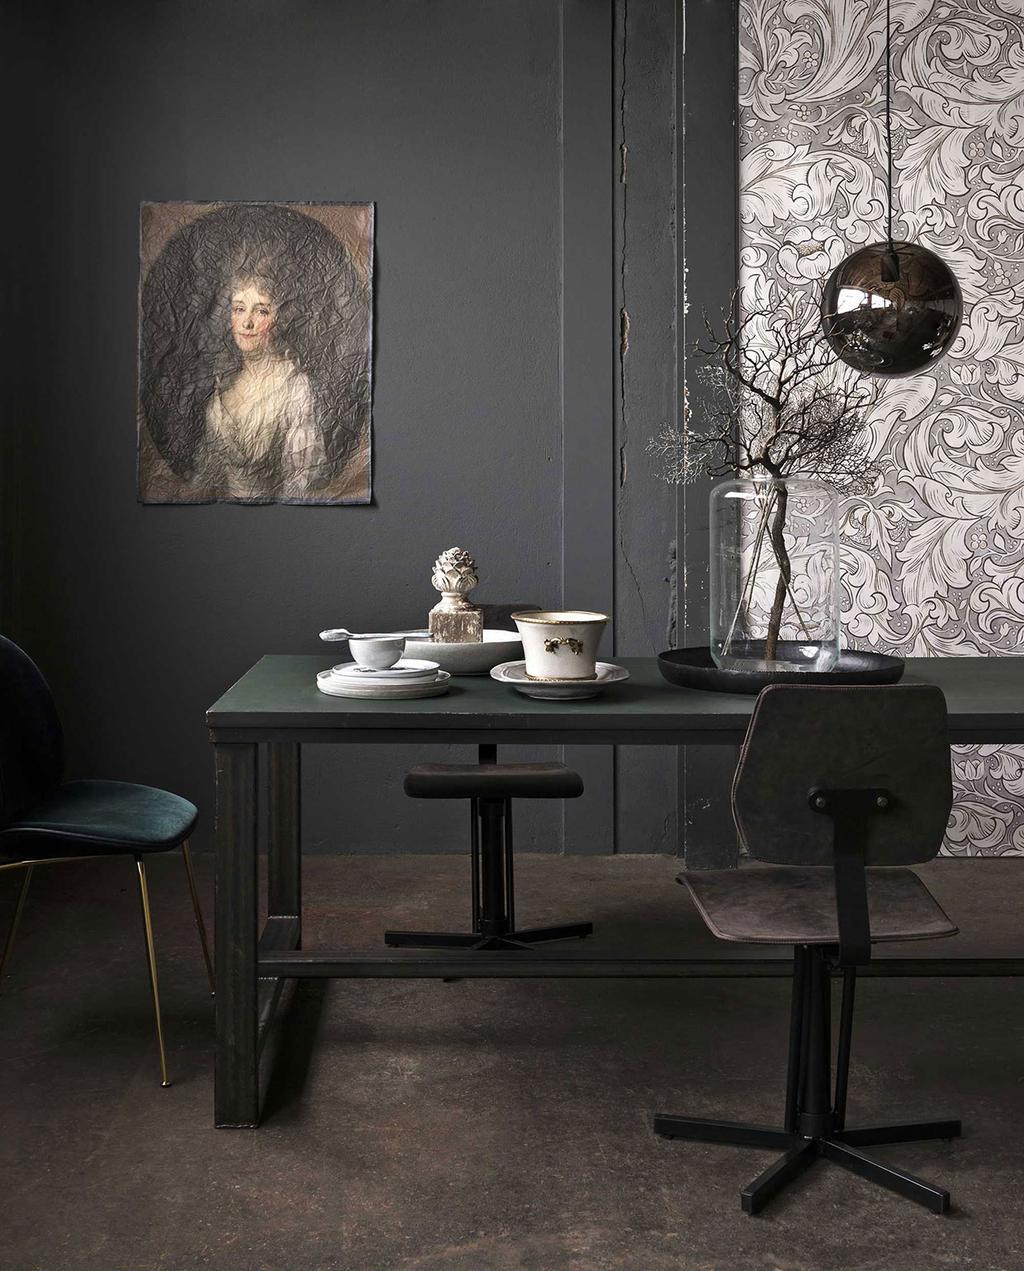 vtwonen 13-2017 | kamer met romantisch interieur, groene stoel met tafel, oud schilderij op achtergrond